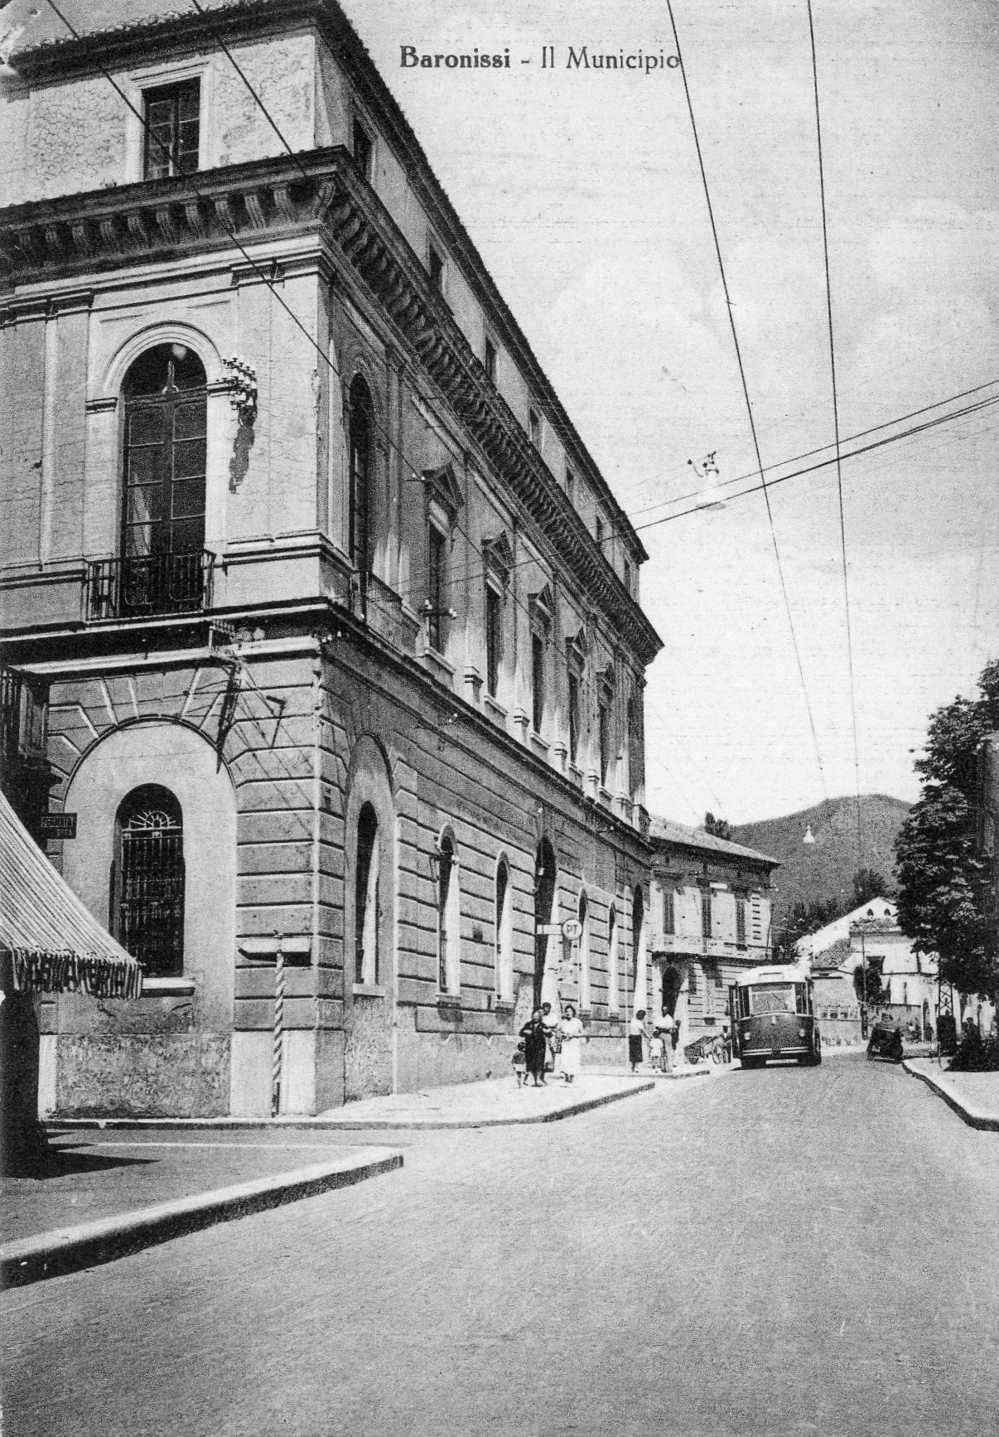 Baronissi (Sa), il Municipio